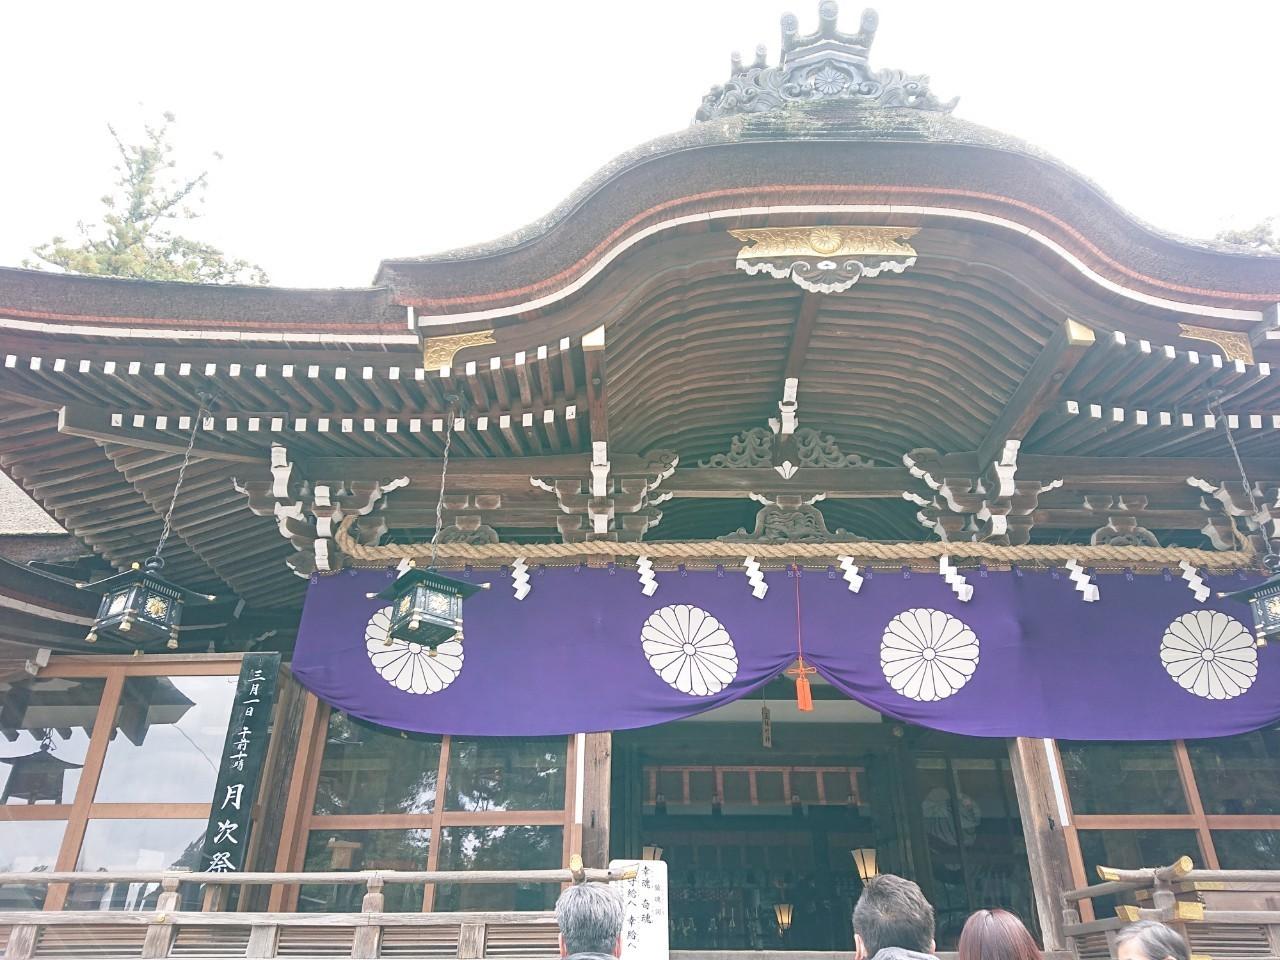 大神神社(おおみわじんじゃ)奈良県桜井市_a0122205_17145792.jpg